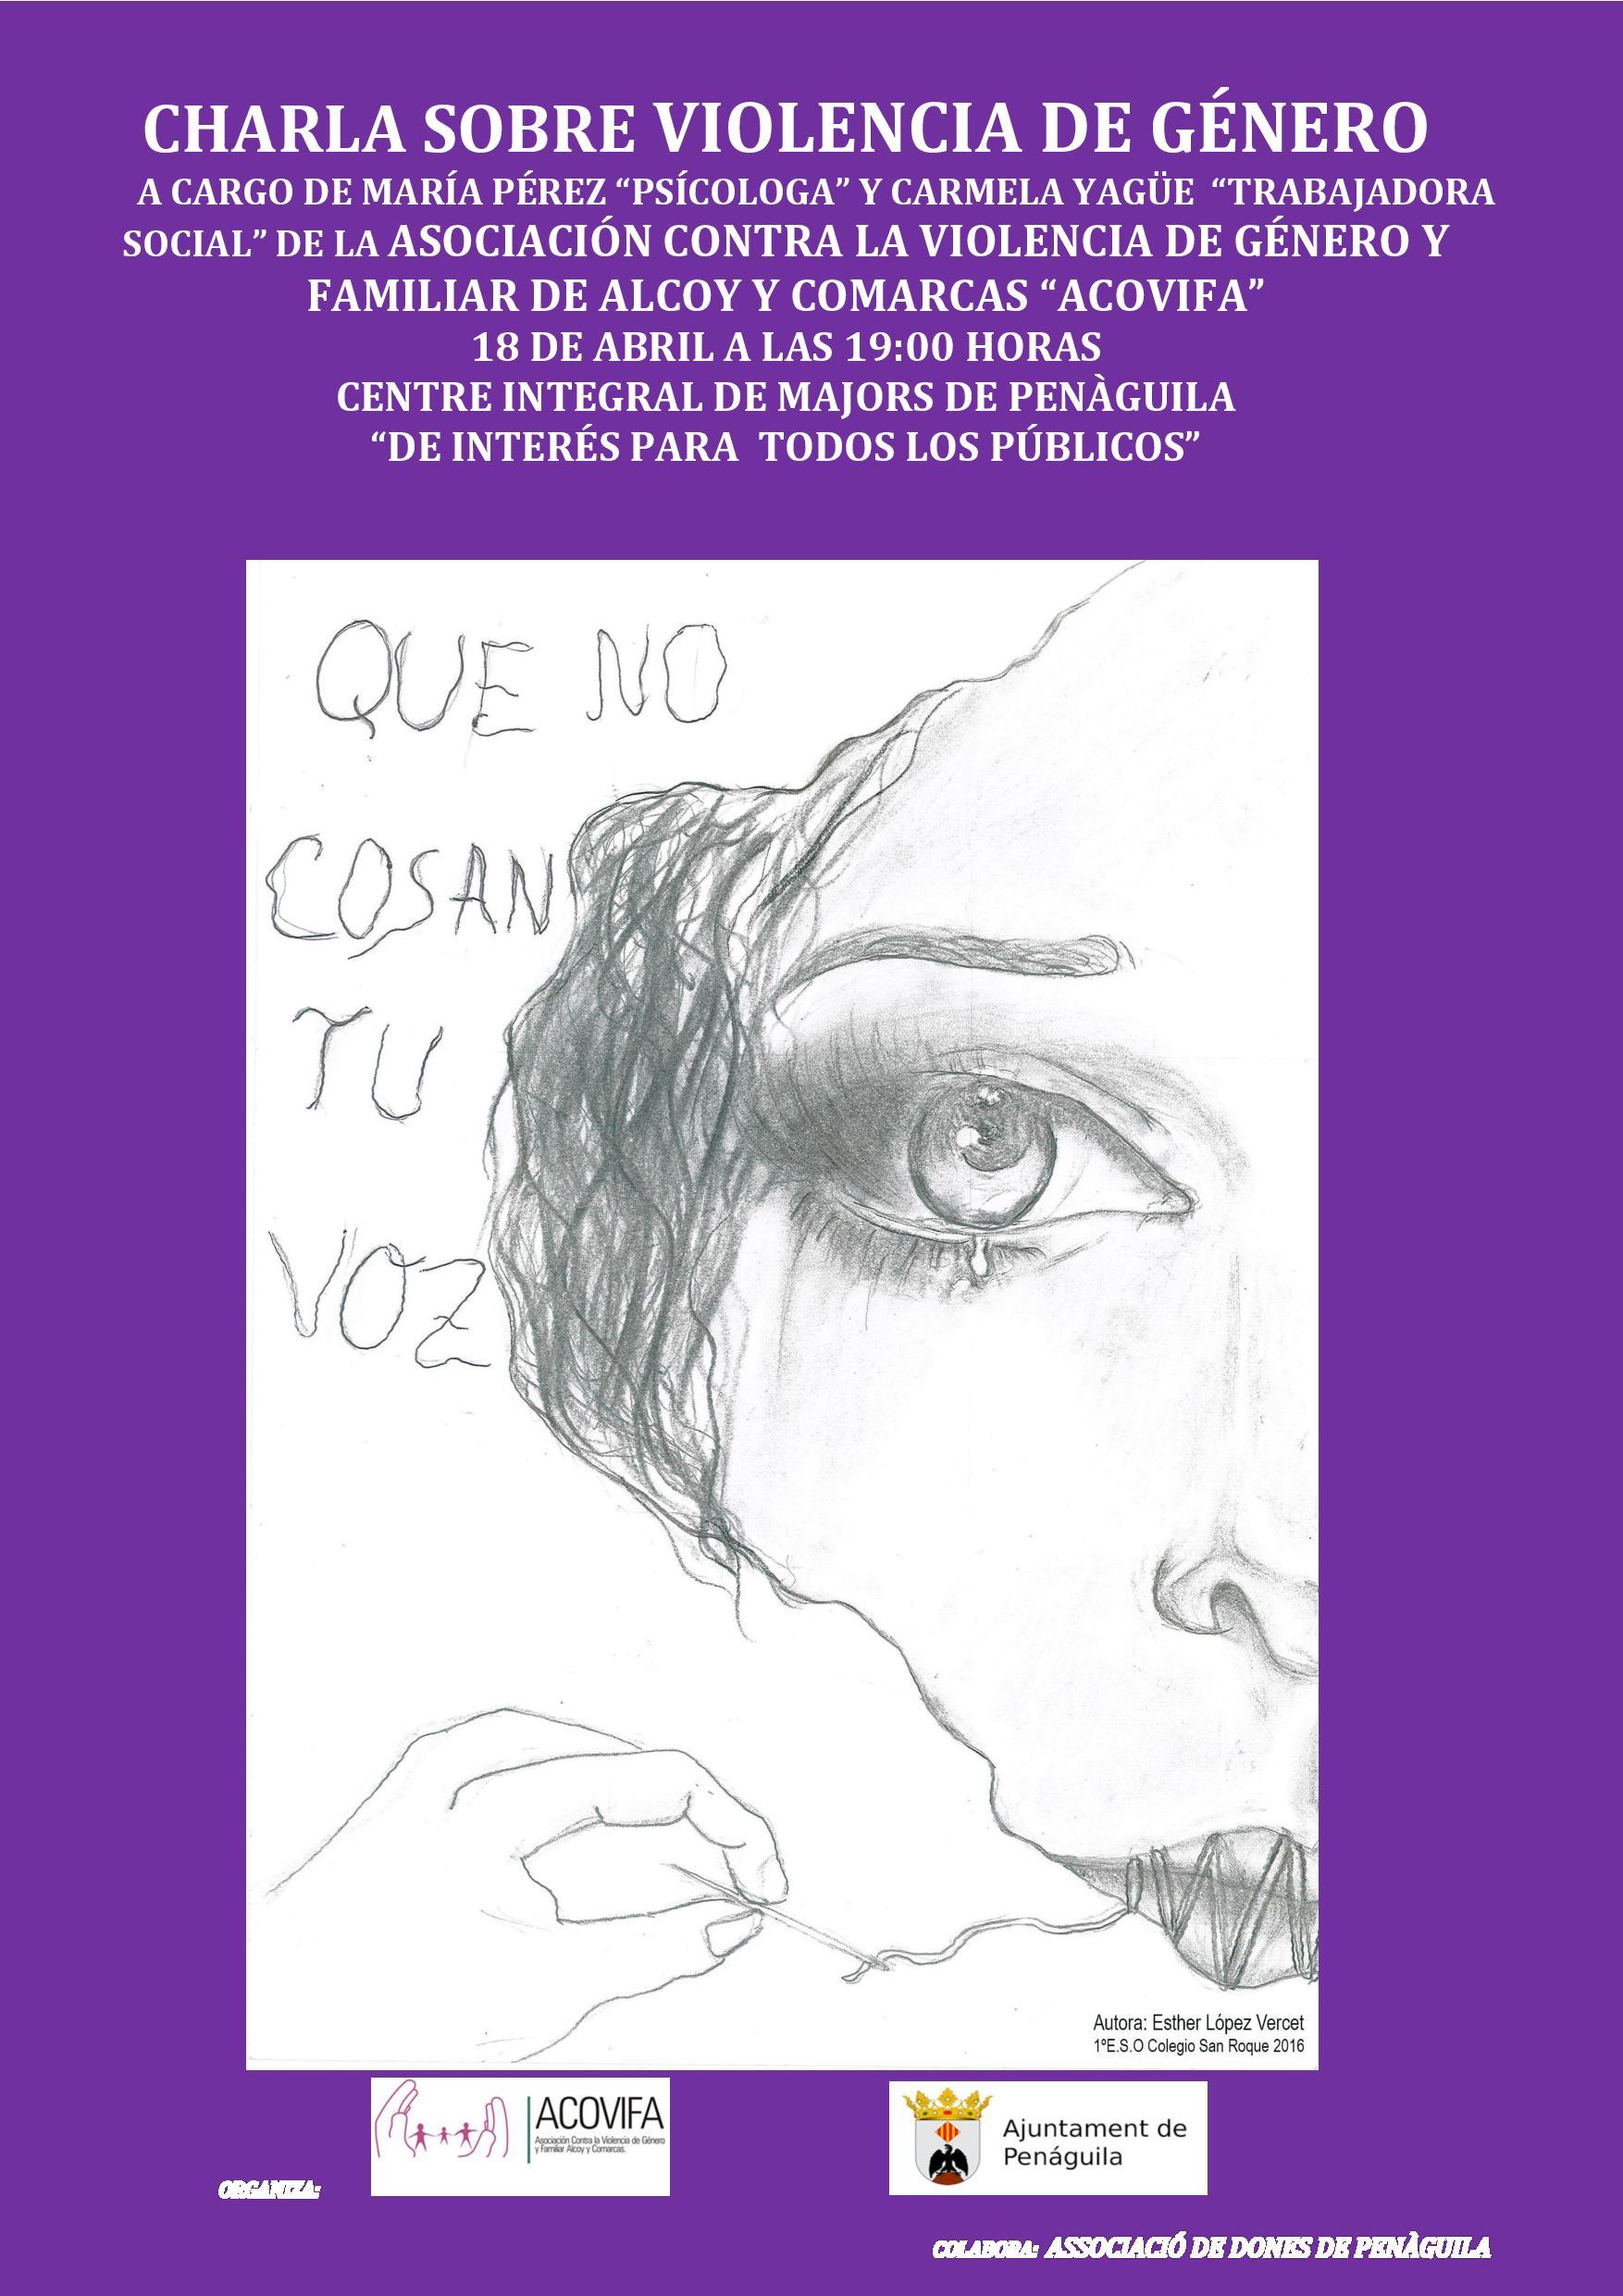 CHARLA VIOLENCIA-page-001